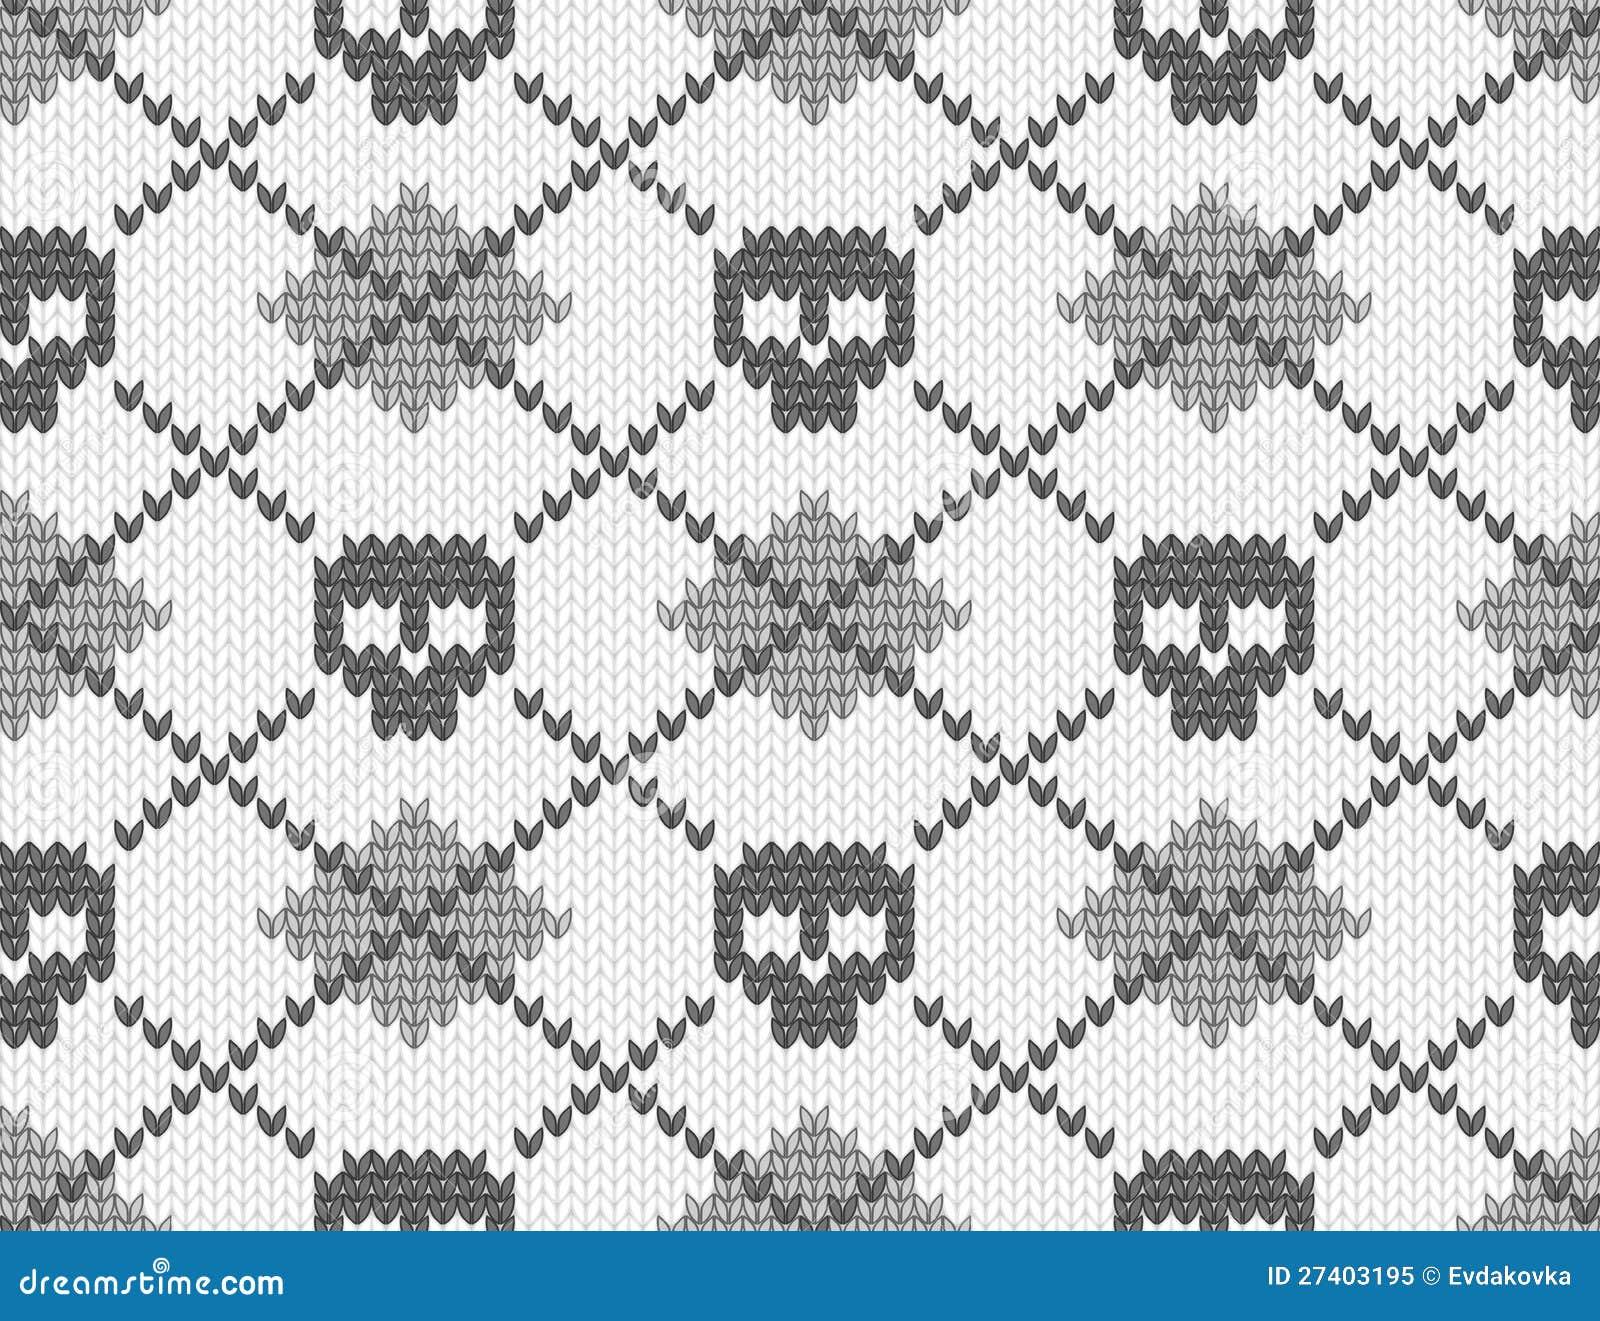 Gebreid patroon met schedels